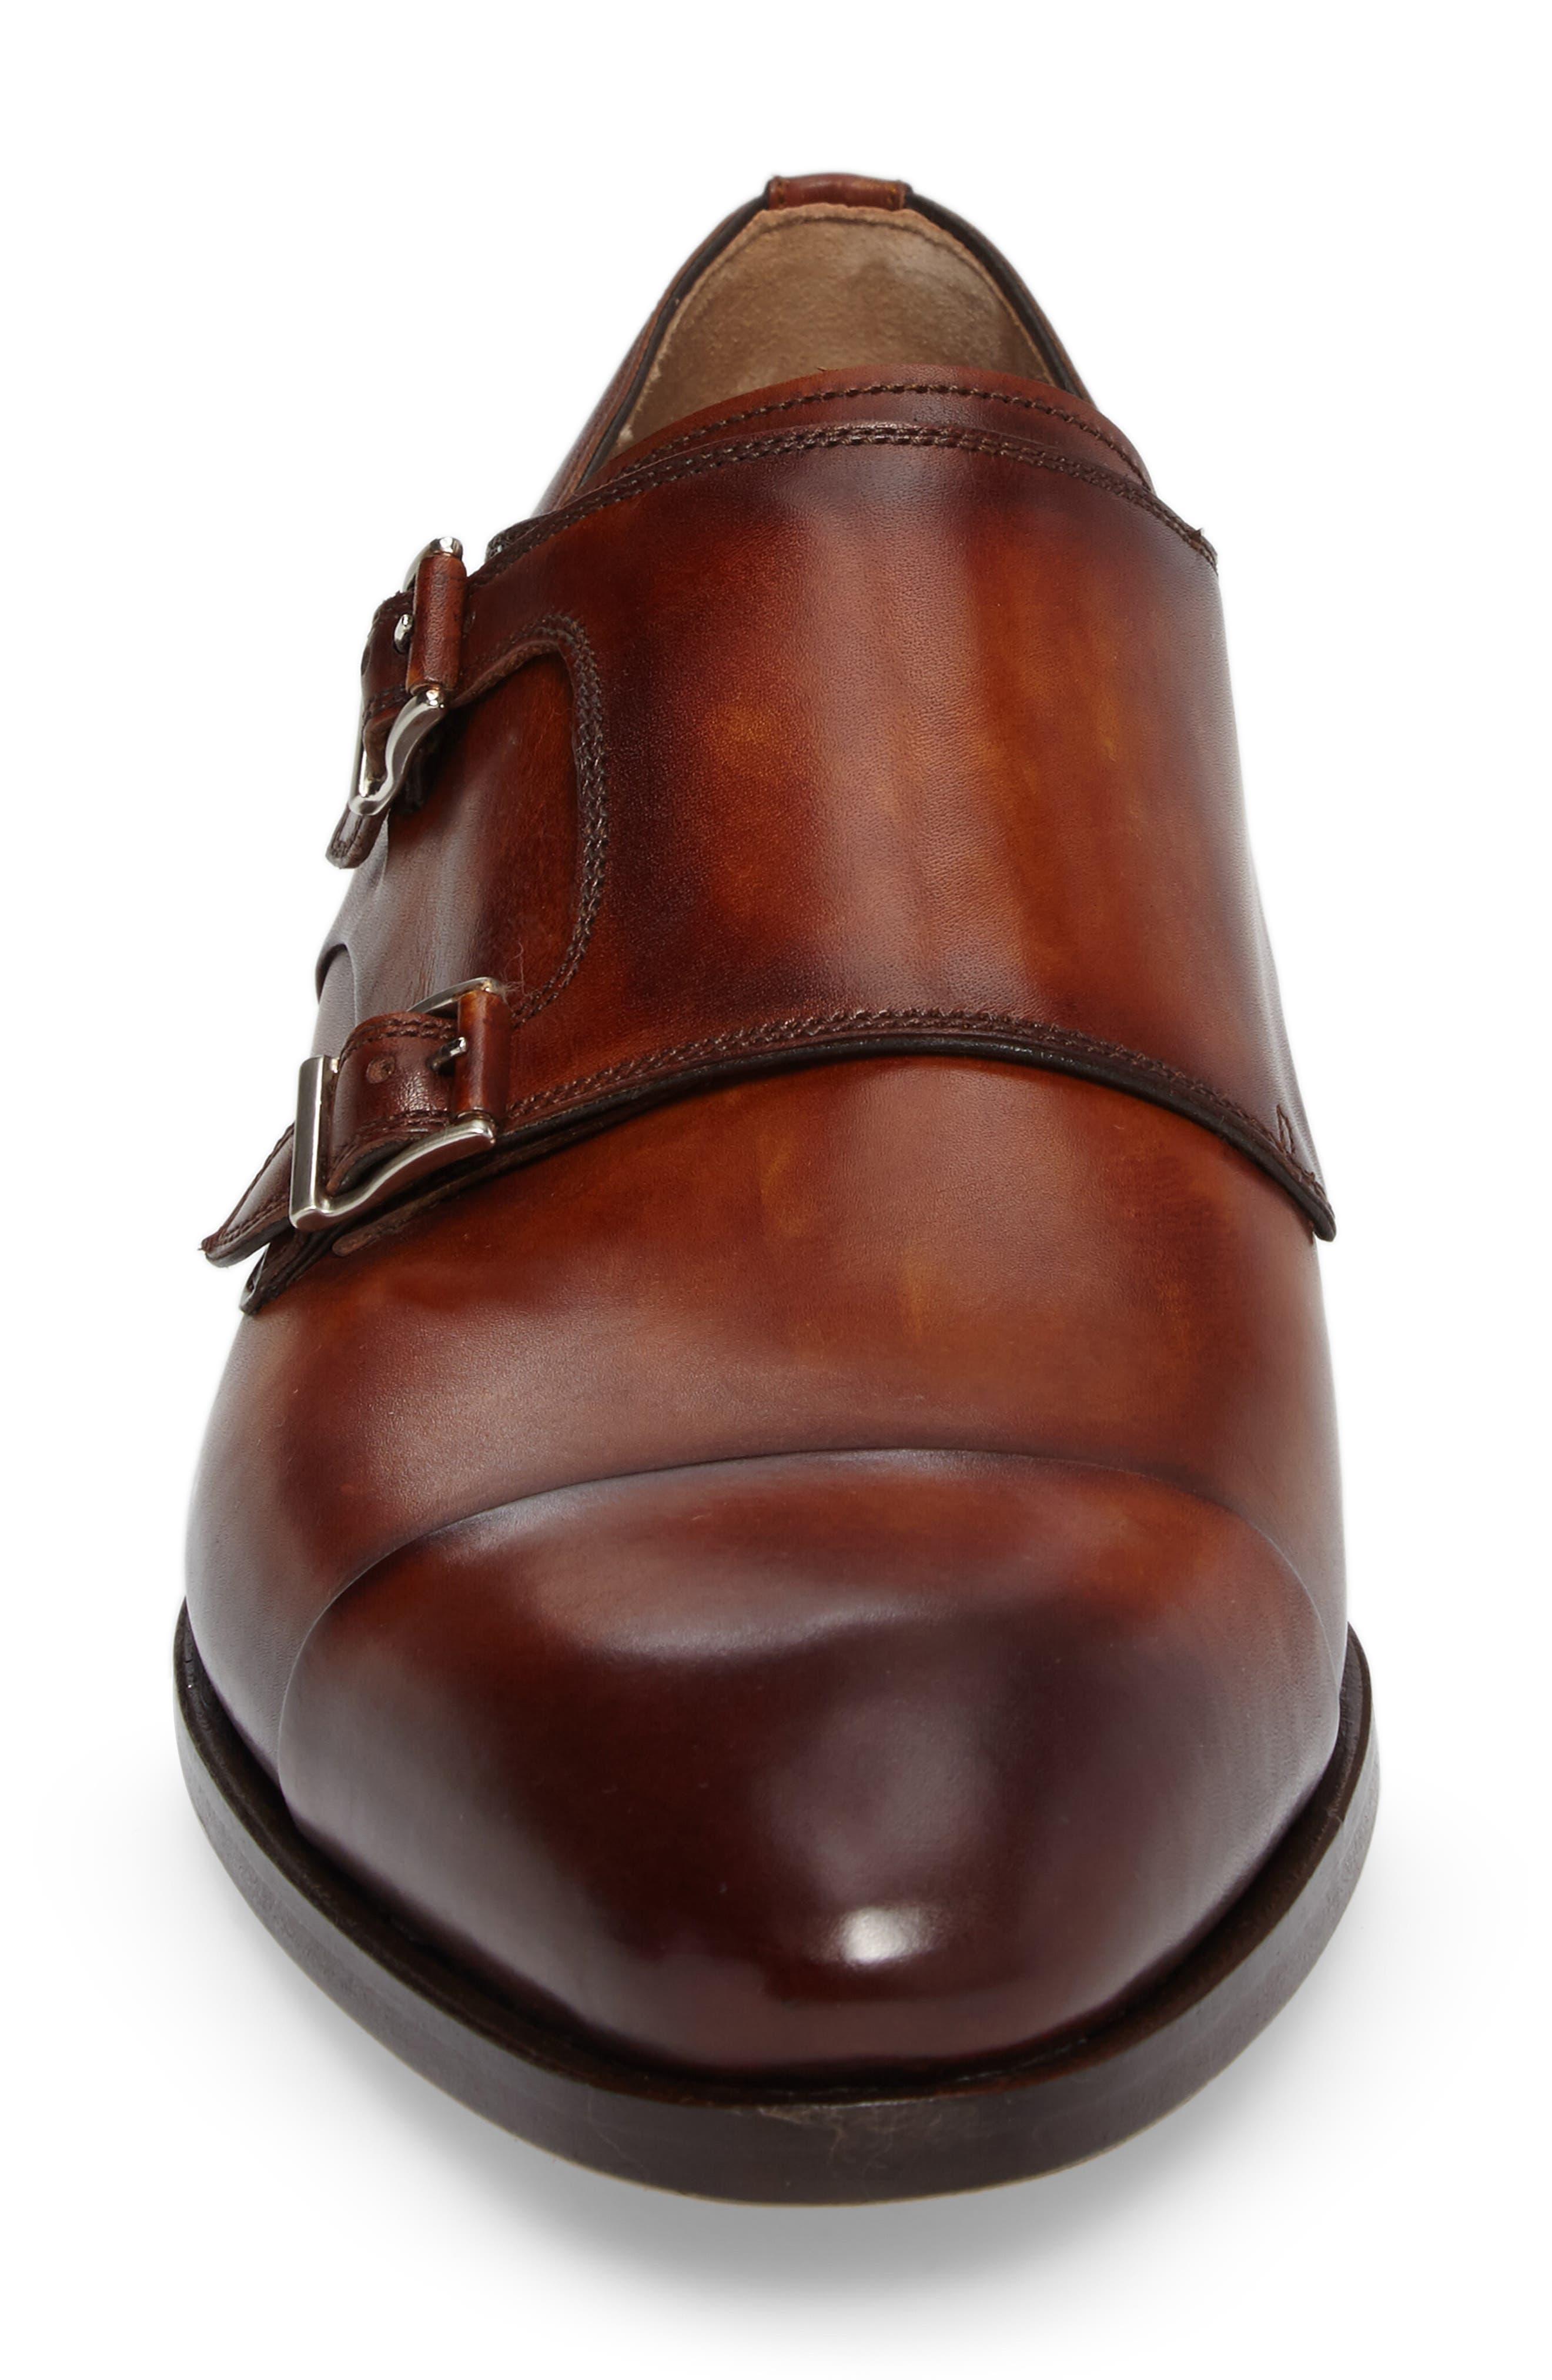 Louie Double Monk Strap Shoe,                             Alternate thumbnail 4, color,                             COGNAC LEATHER